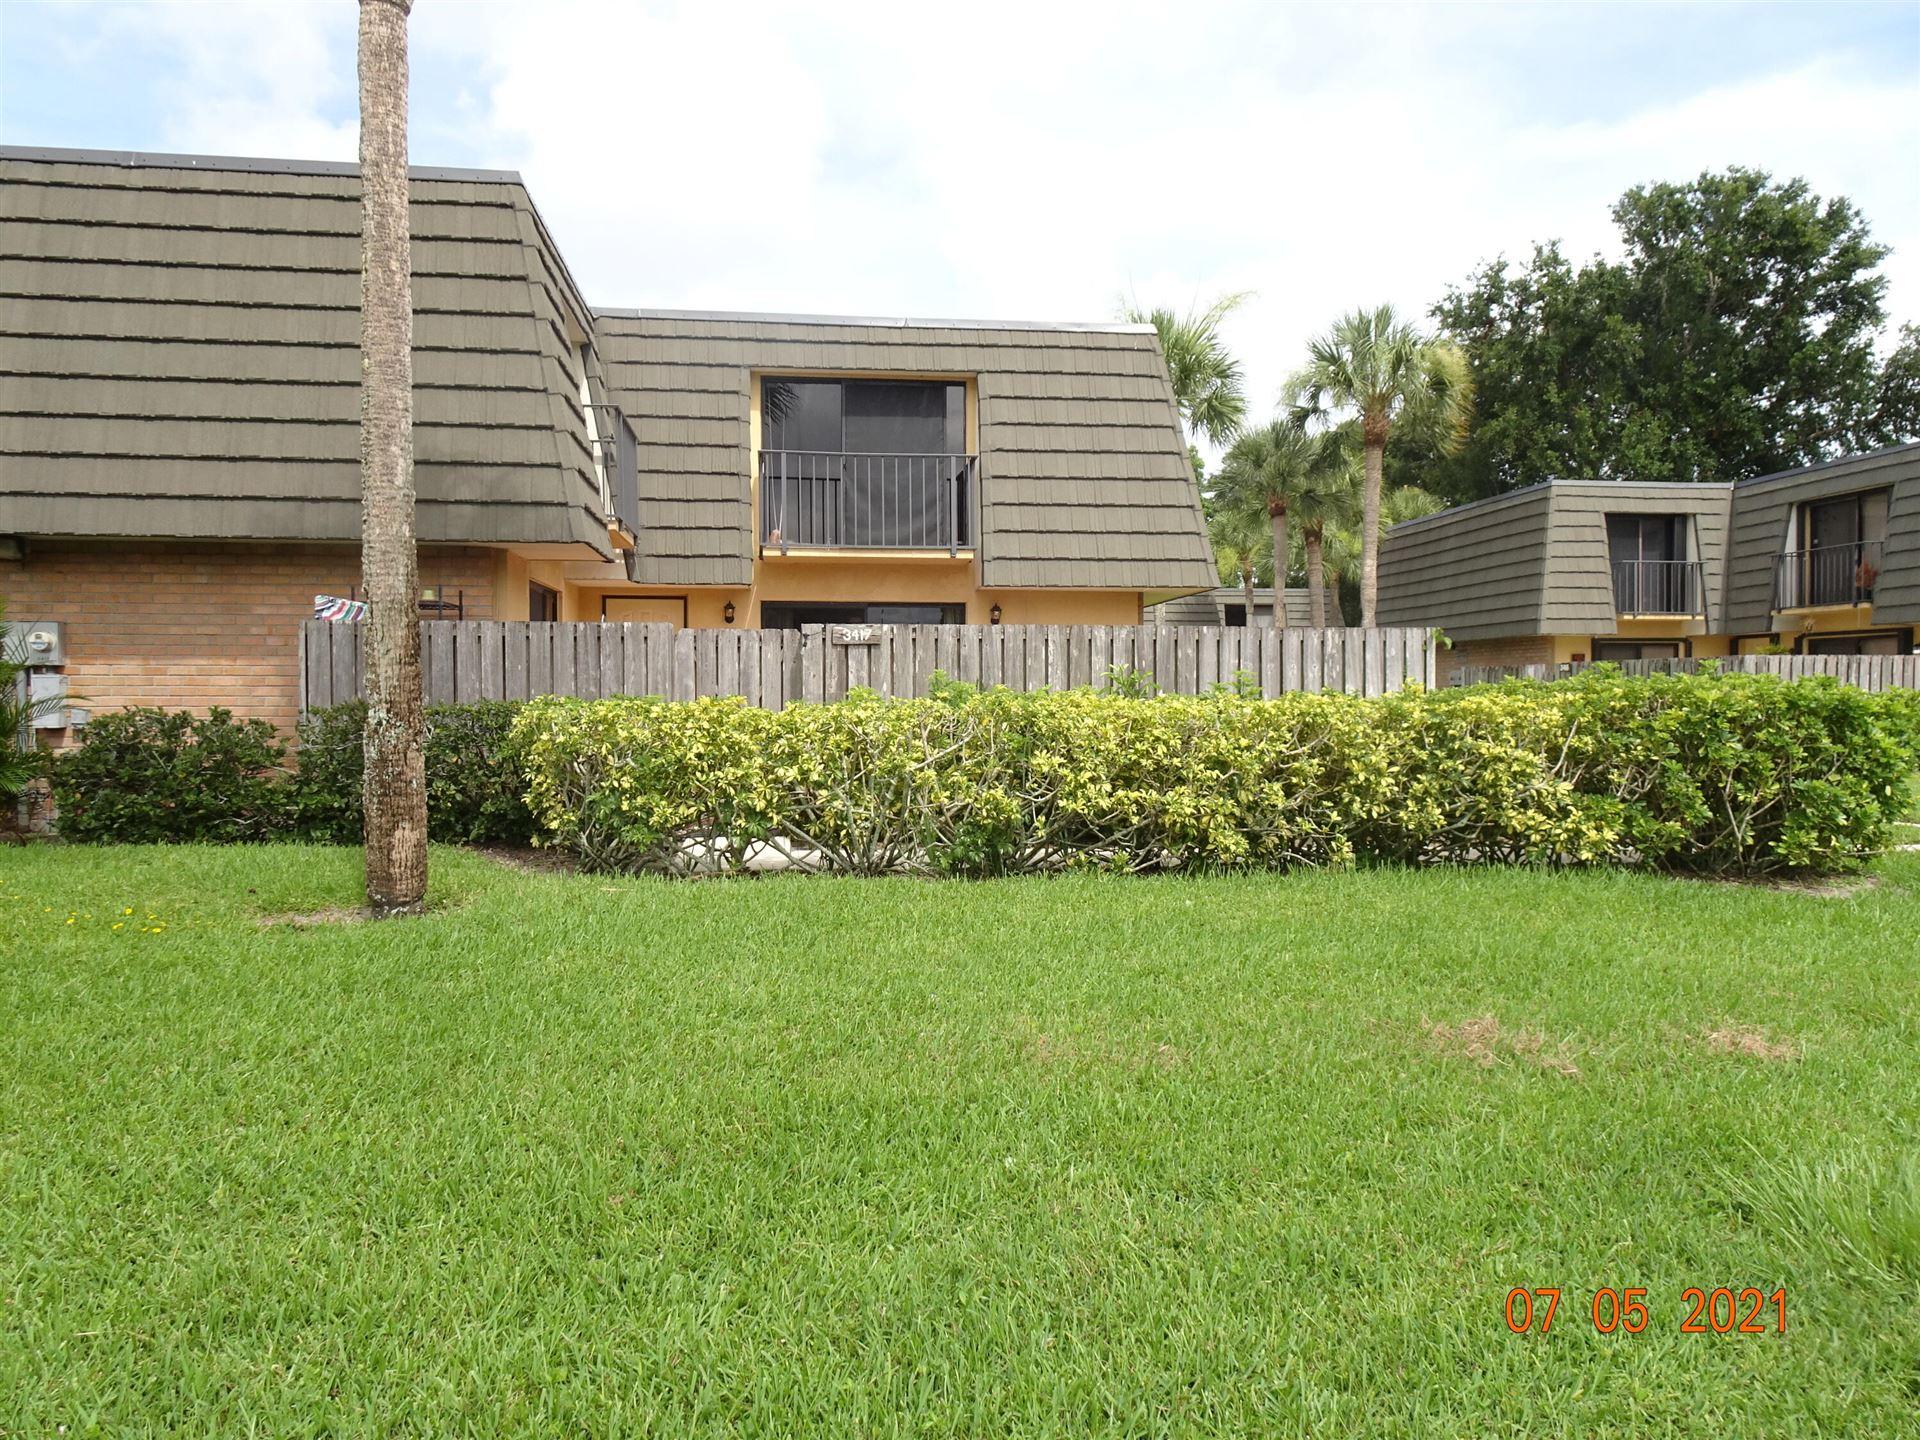 3417 34th Way, West Palm Beach, FL 33407 - #: RX-10729377